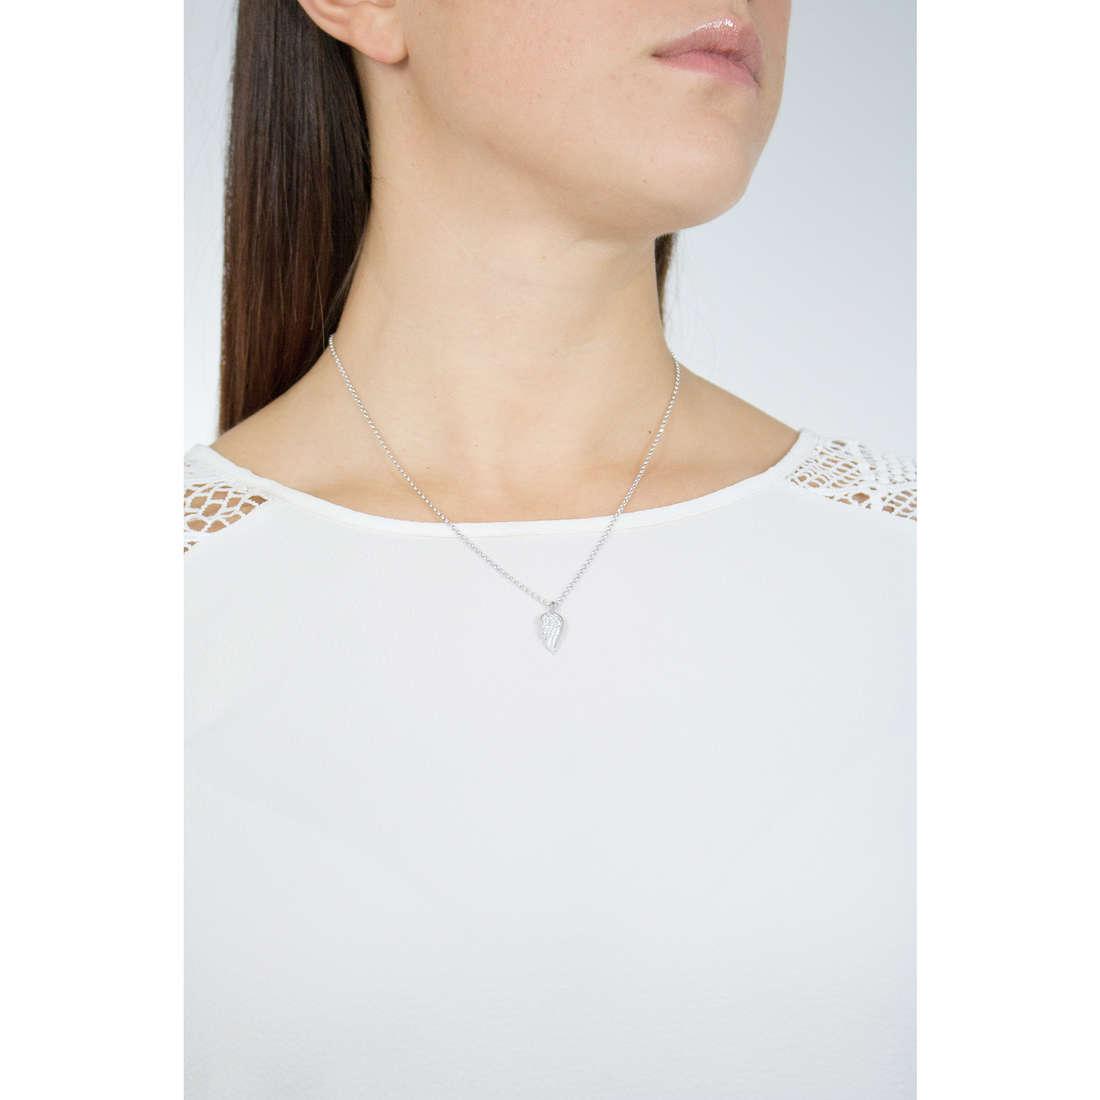 Giannotti necklaces Angeli woman GIANNOTTIGIA310 photo wearing